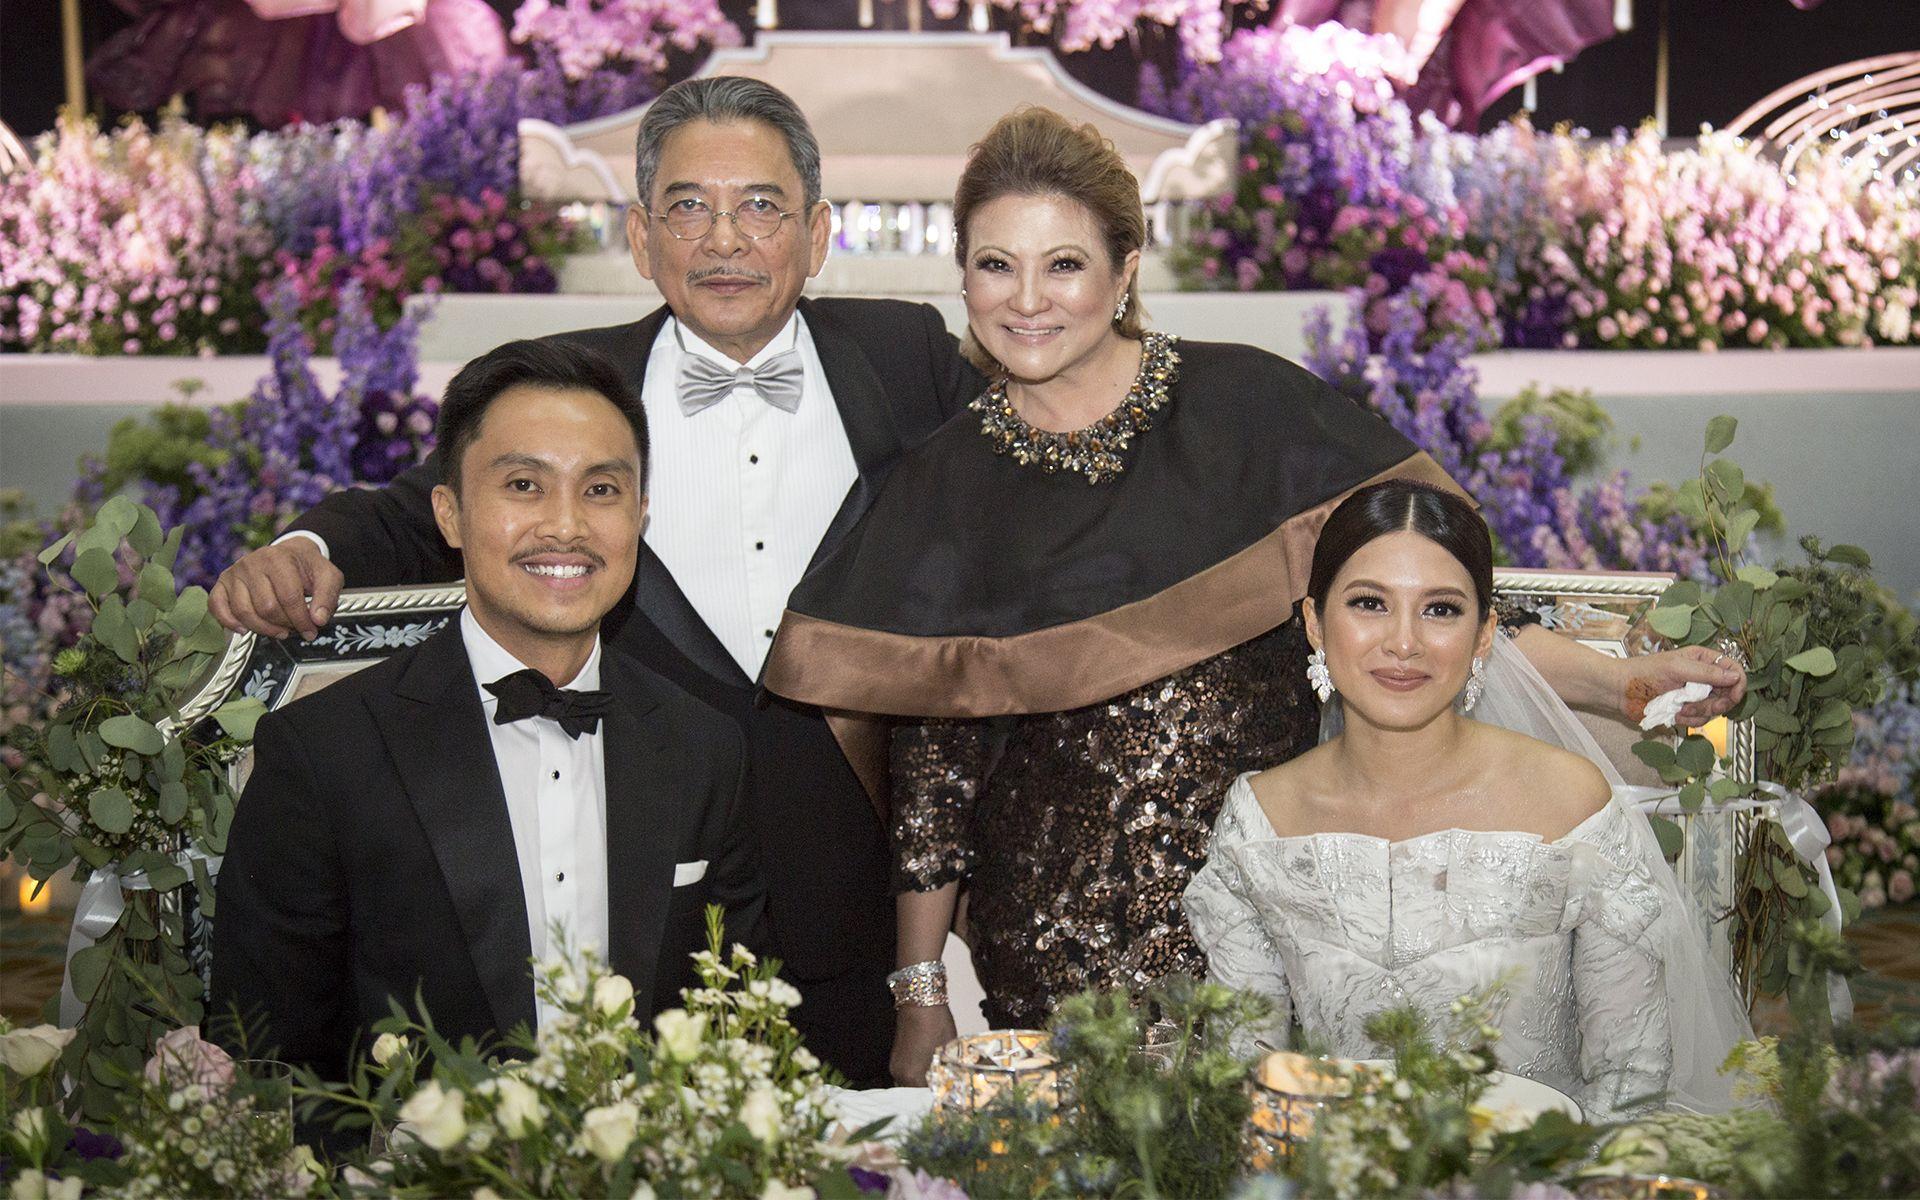 Datuk Wan Fusil Wan Mahmood, Datin Jude Khadijah, Arfiz Ghaus and Tasha Fusil